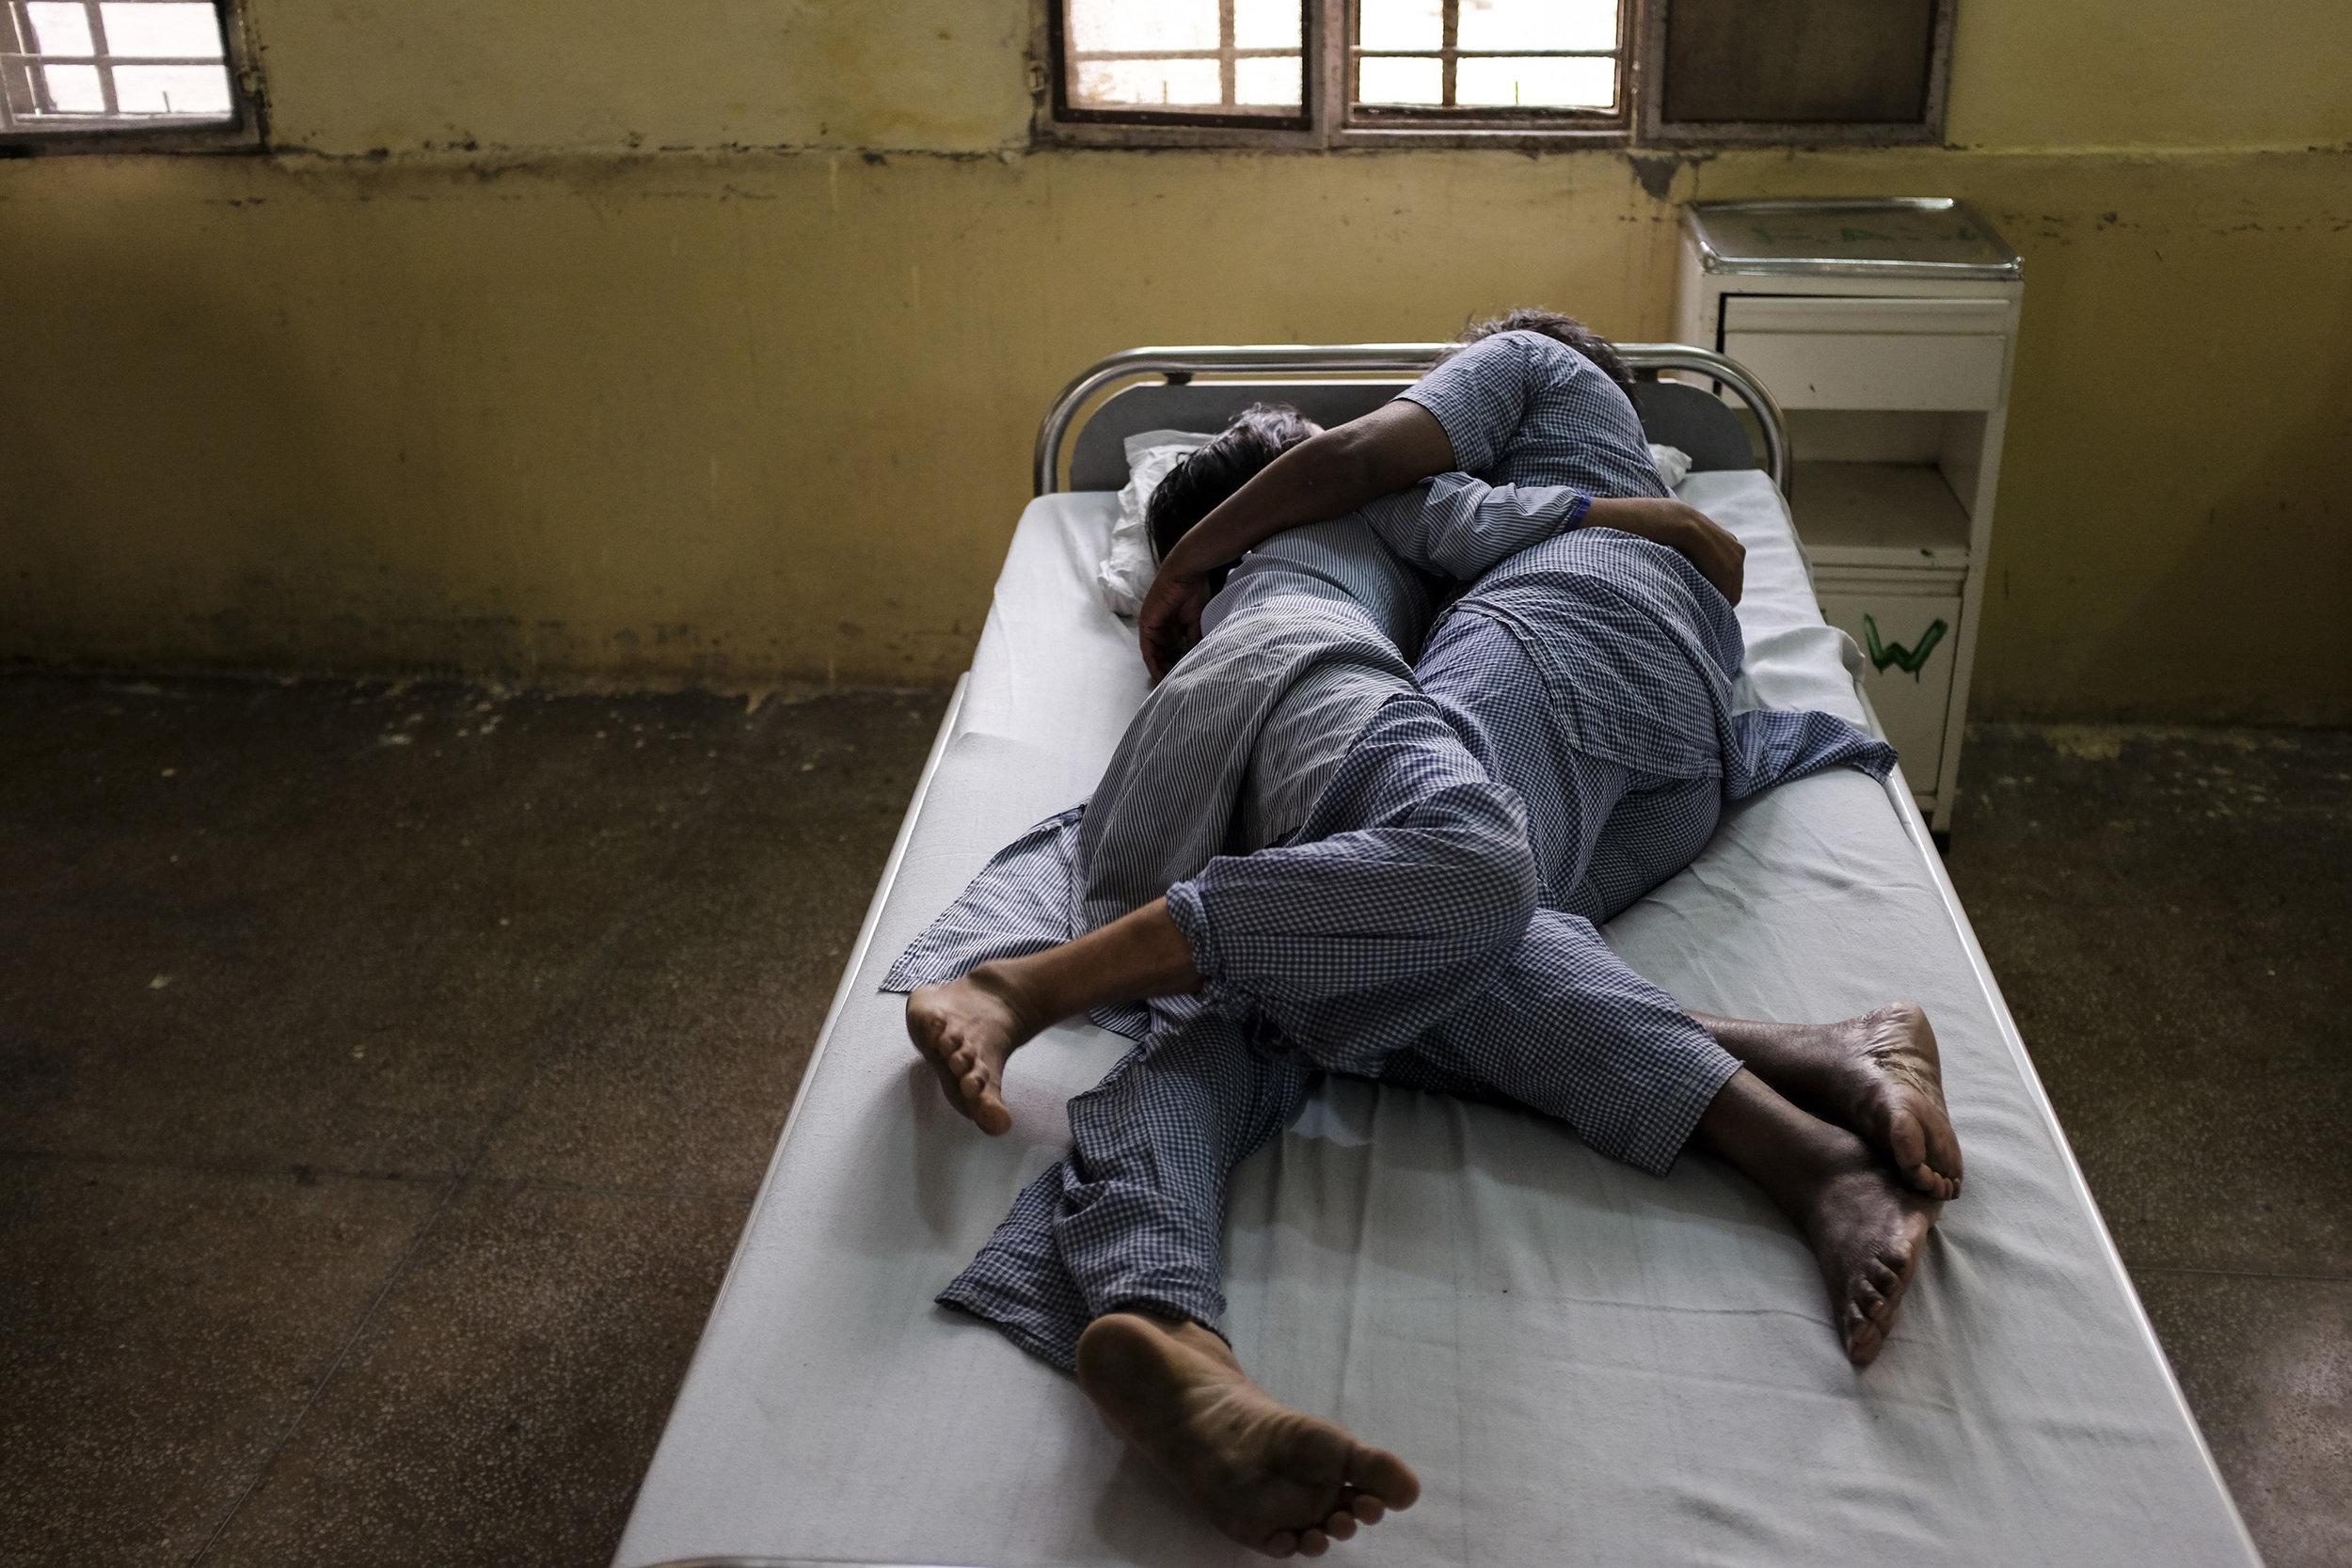 CHEENA KAPOOR Delhi, India  www.cheenakapoor.com   @myshotstories  //  @cheenakapoor